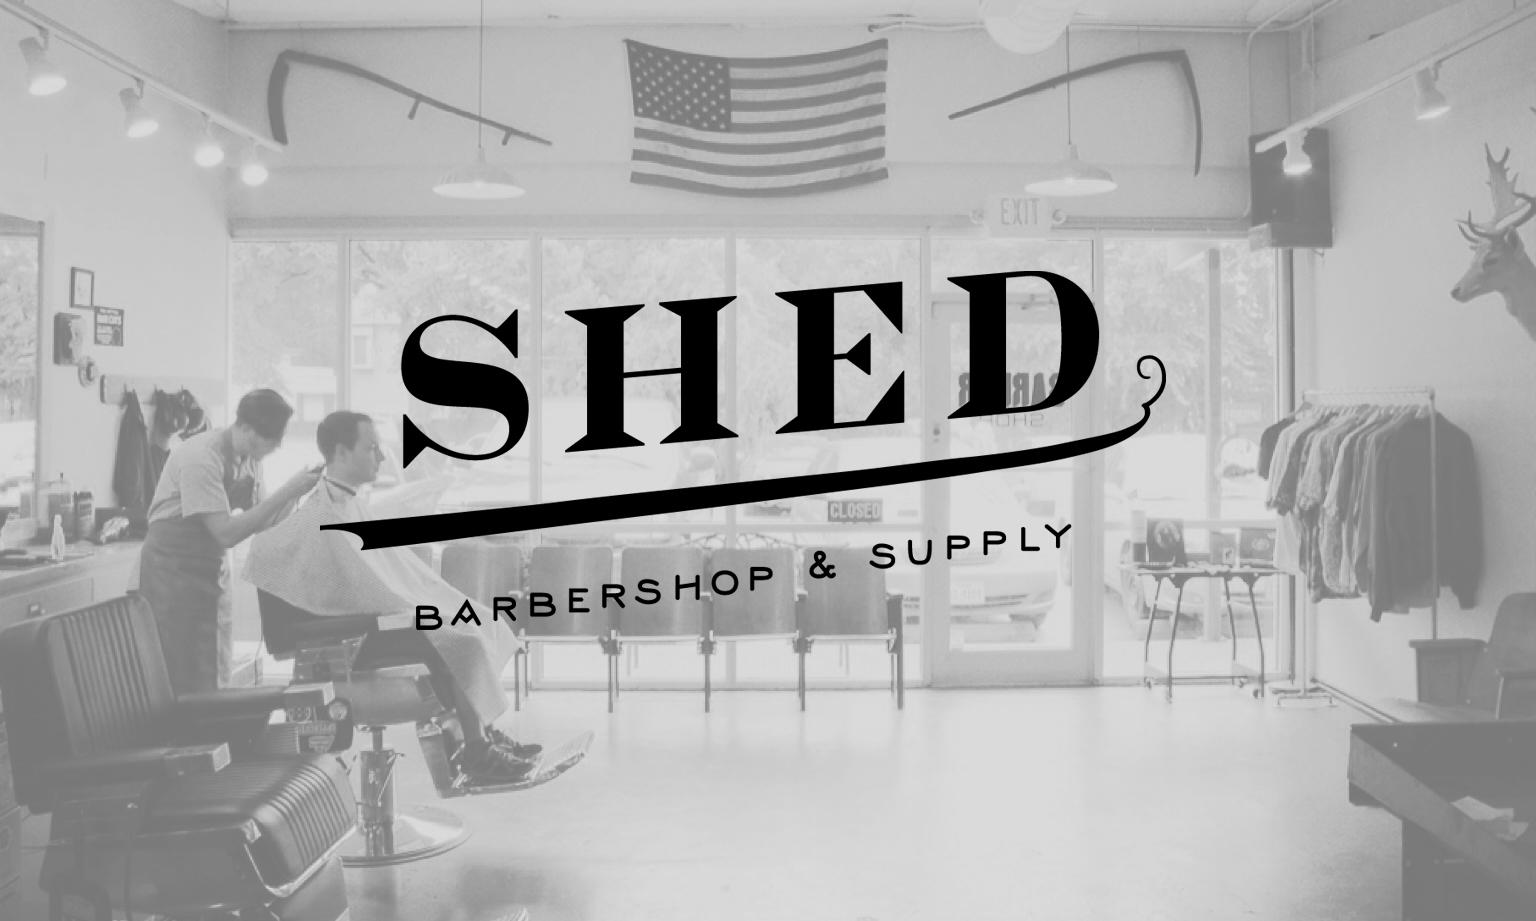 shed barbershop austin tx hot shave book online. Black Bedroom Furniture Sets. Home Design Ideas